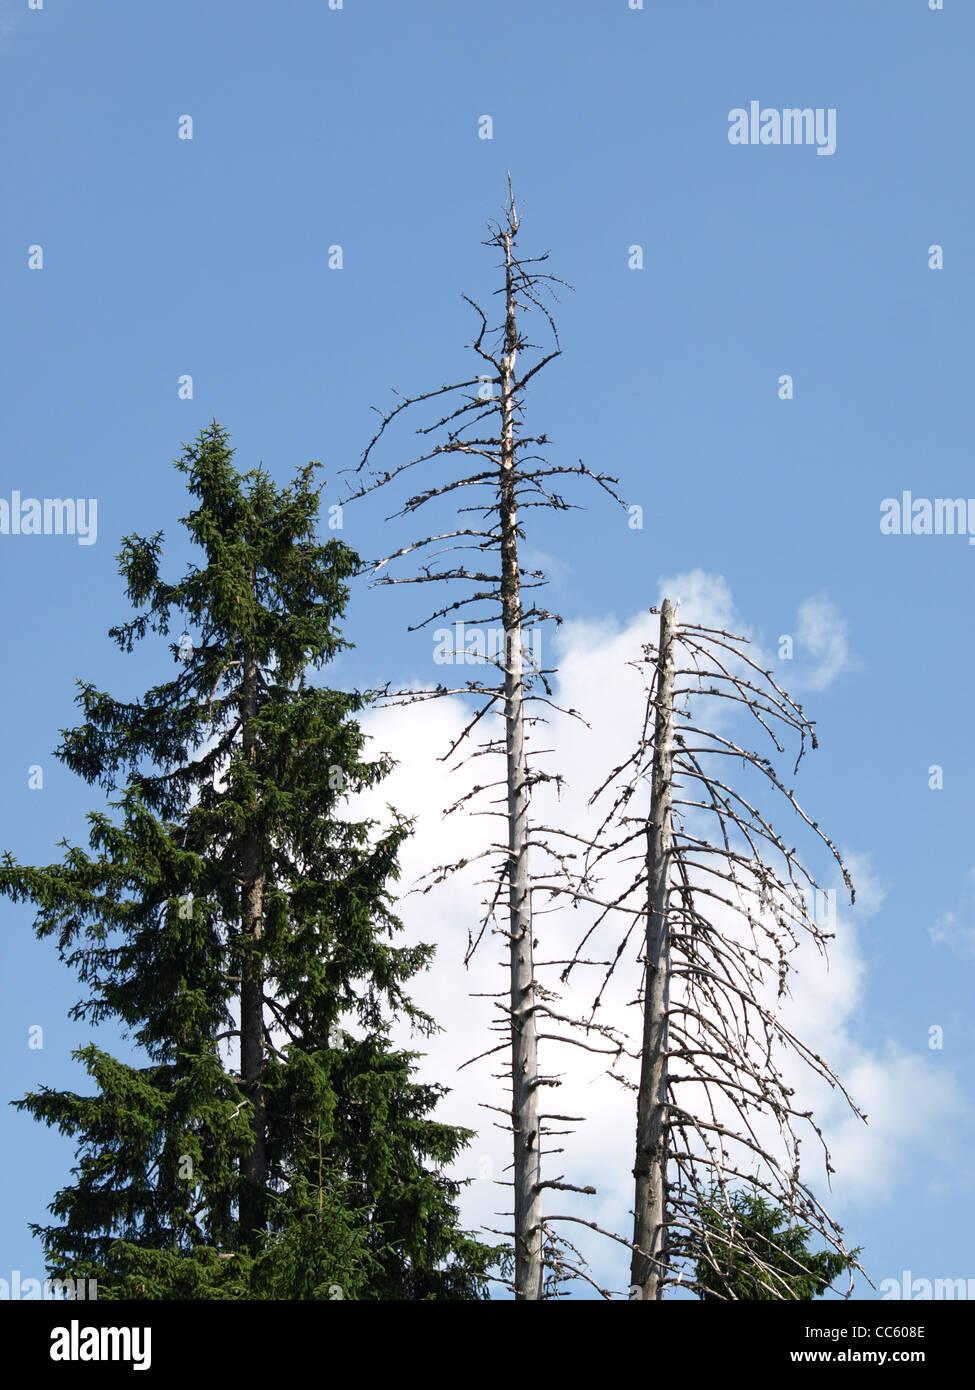 dead and green norway spruce, blue sky with clouds / abgestorbene und grüne Fichten, blauer Himmel mit Wolken - Stock Image